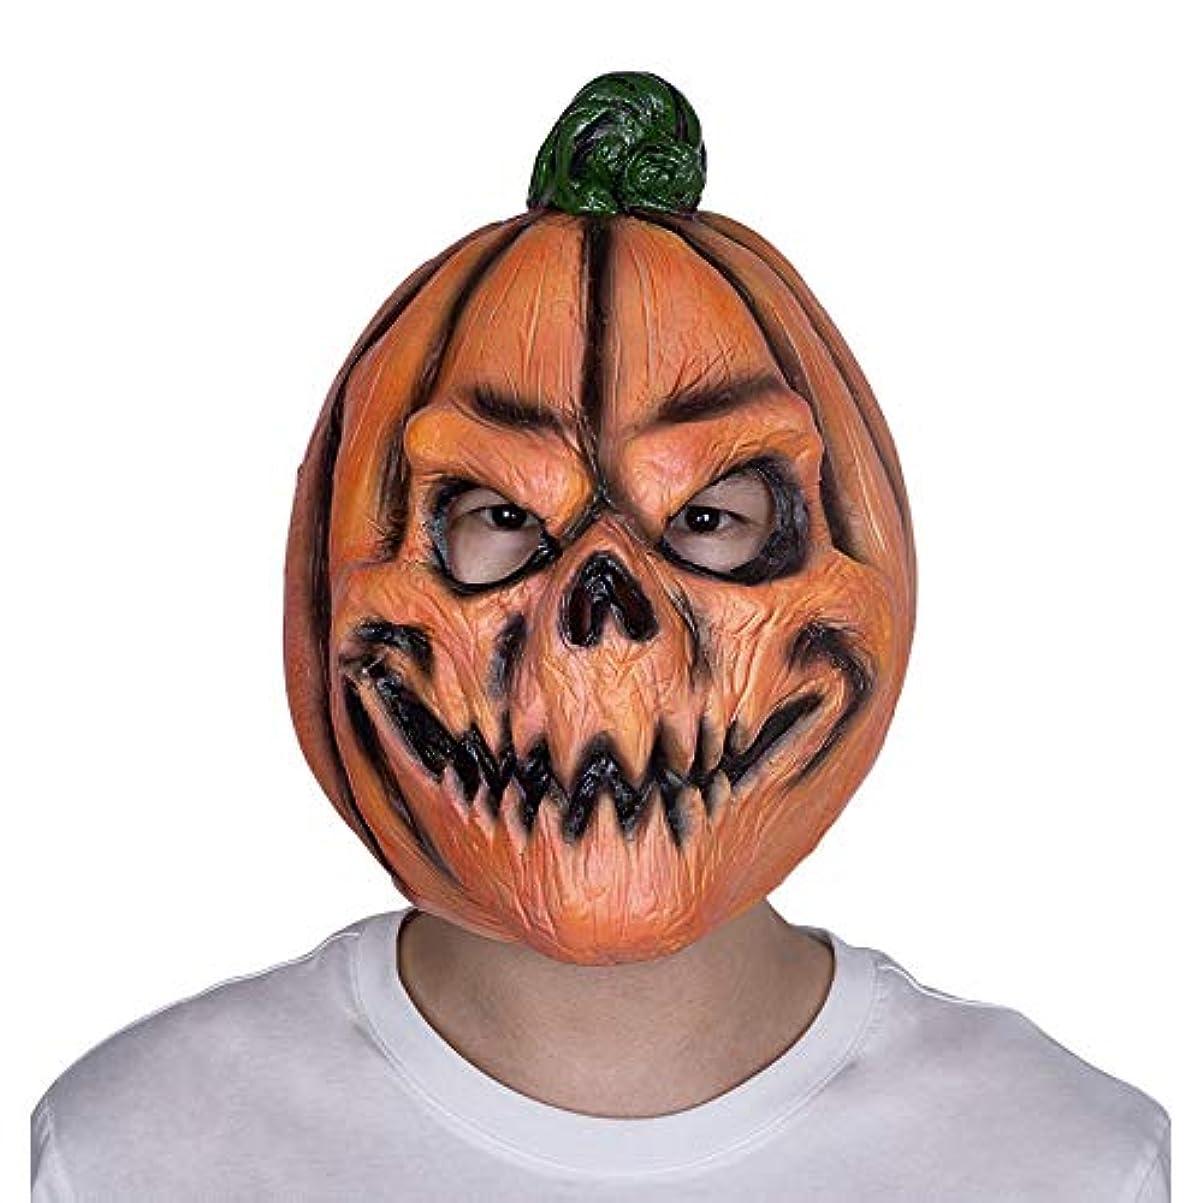 第再生的もっともらしいハロウィーンパンプキンヘッドカバーラテックス恐怖ダンスパーティーカーニバルパーティーおかしいが、ヨーロッパやアメリカをマスクマスク